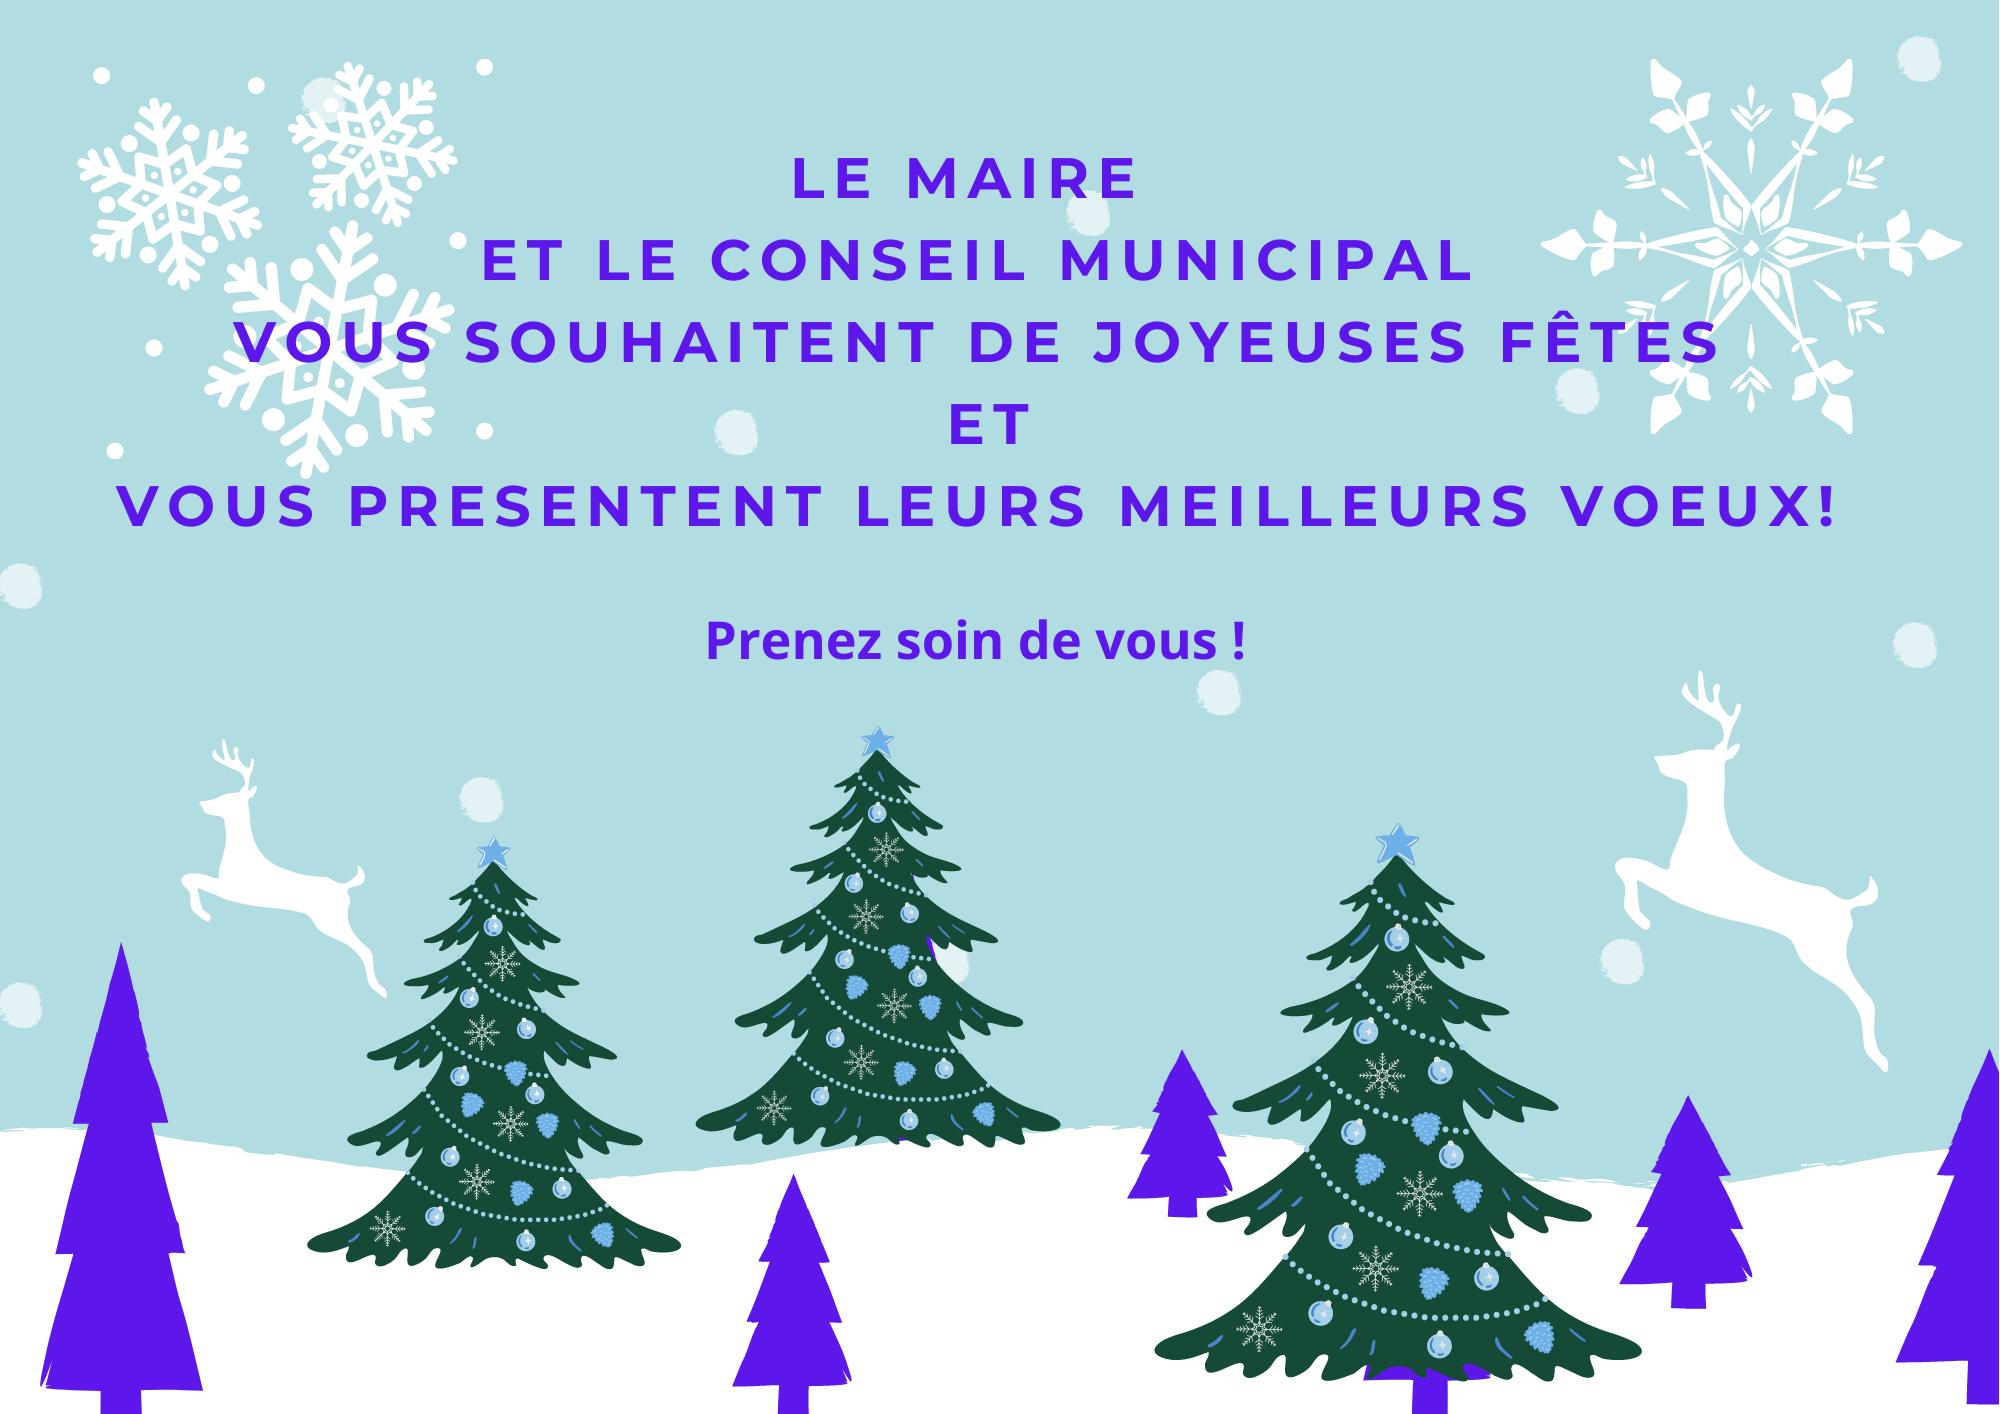 Le Maire et le conseil municipal vous souhaitent de joyeuses fêtes et vous presentent leurs meilleurs voeux (2) (2)